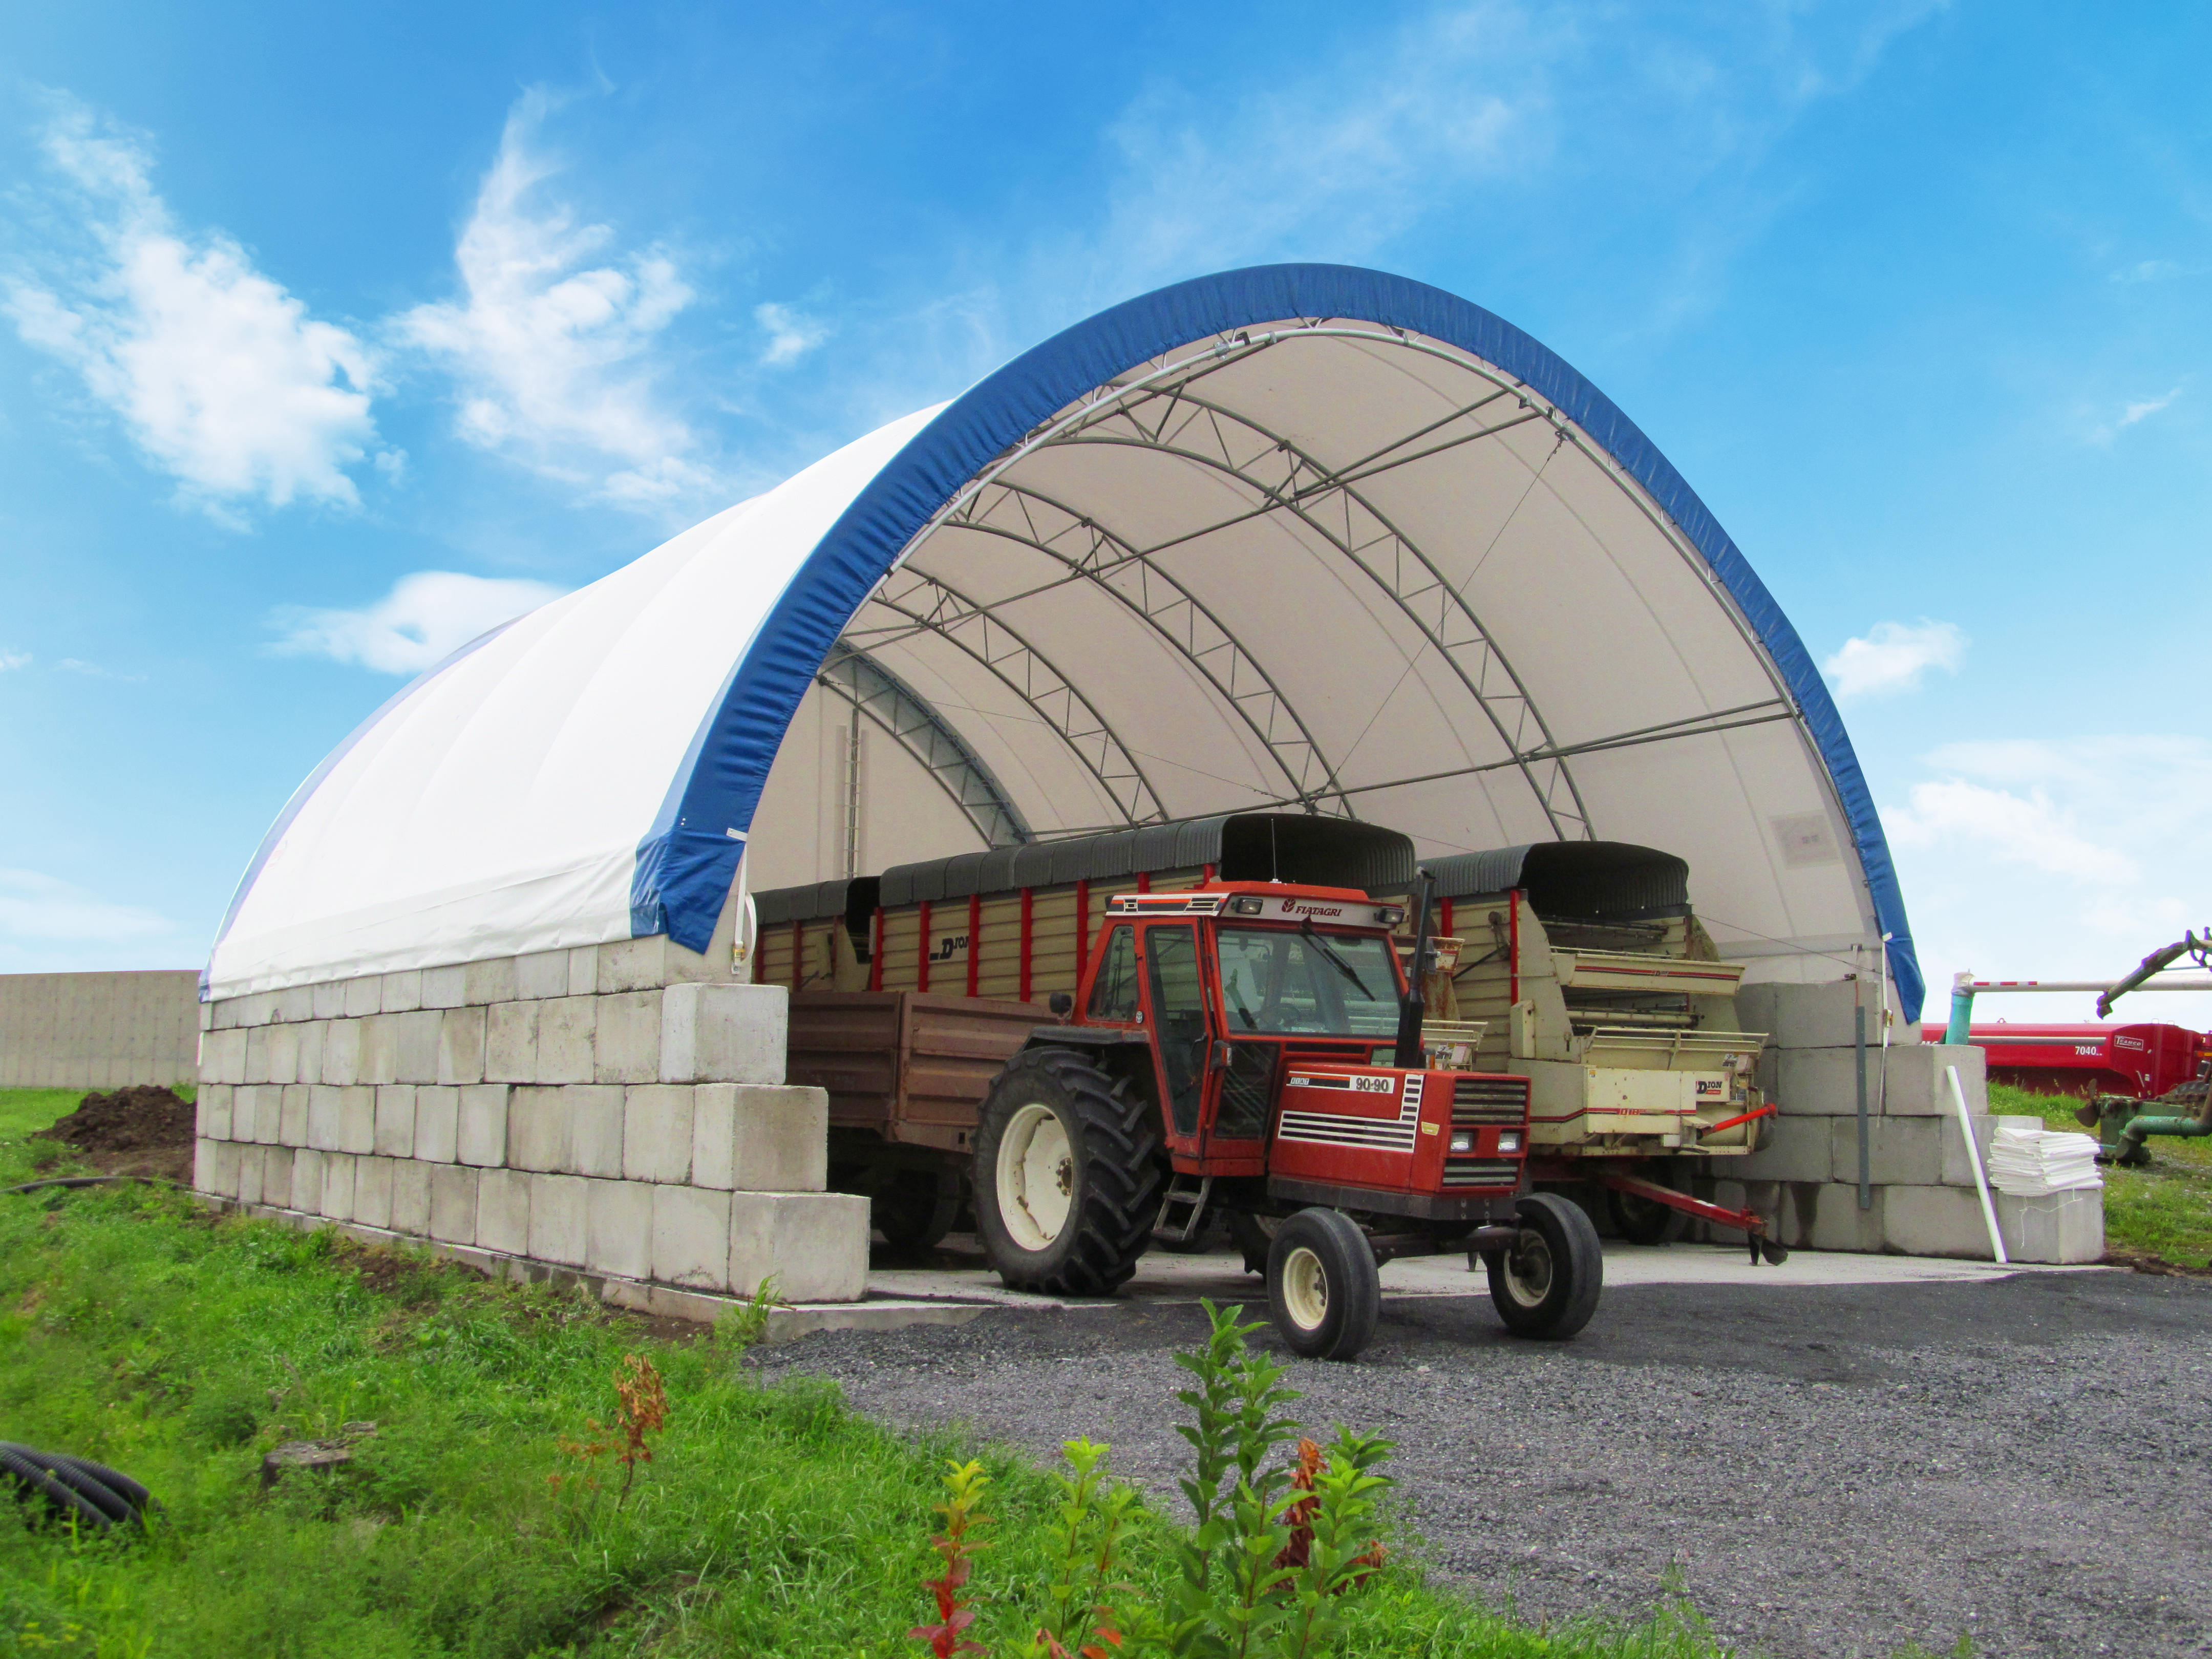 Permodome bleu avec un tracteur rouge et des wagons